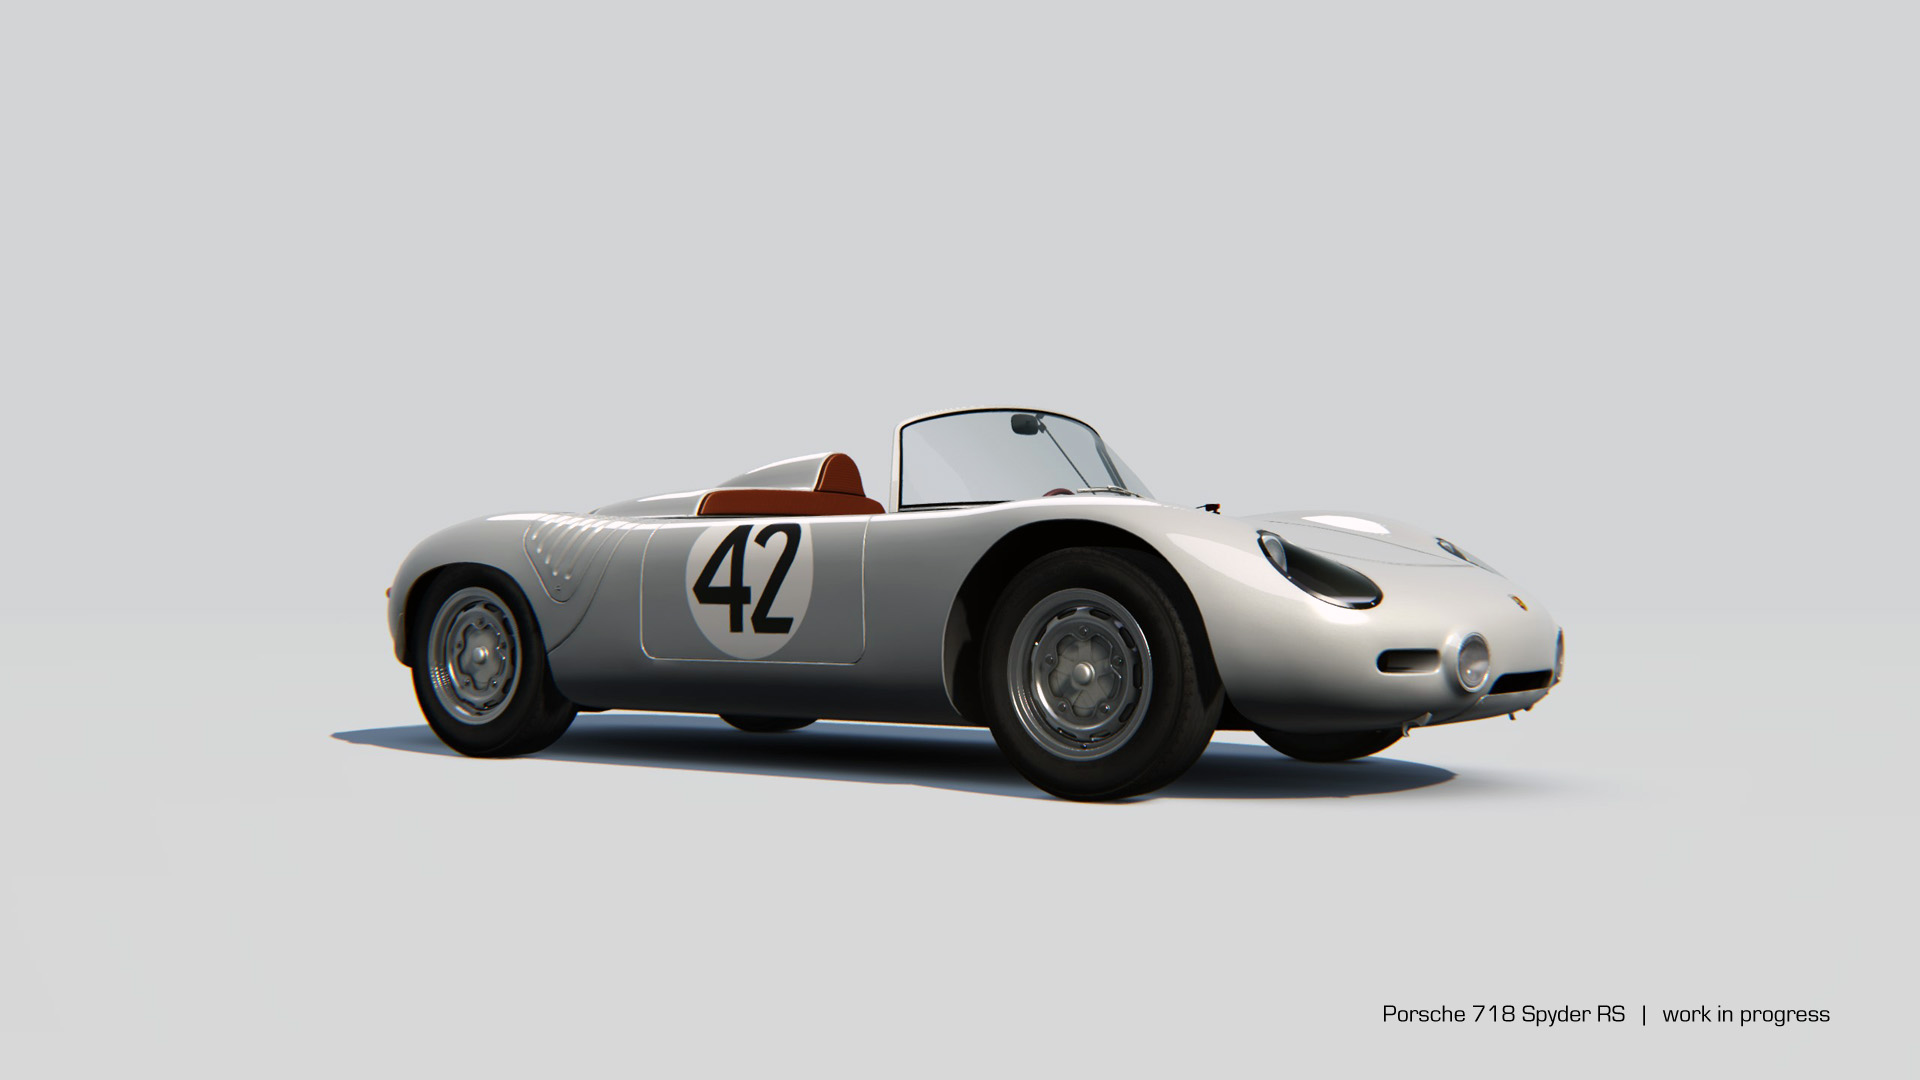 Tři DLC přidají vozy Porsche do Assetto Corsa 132681